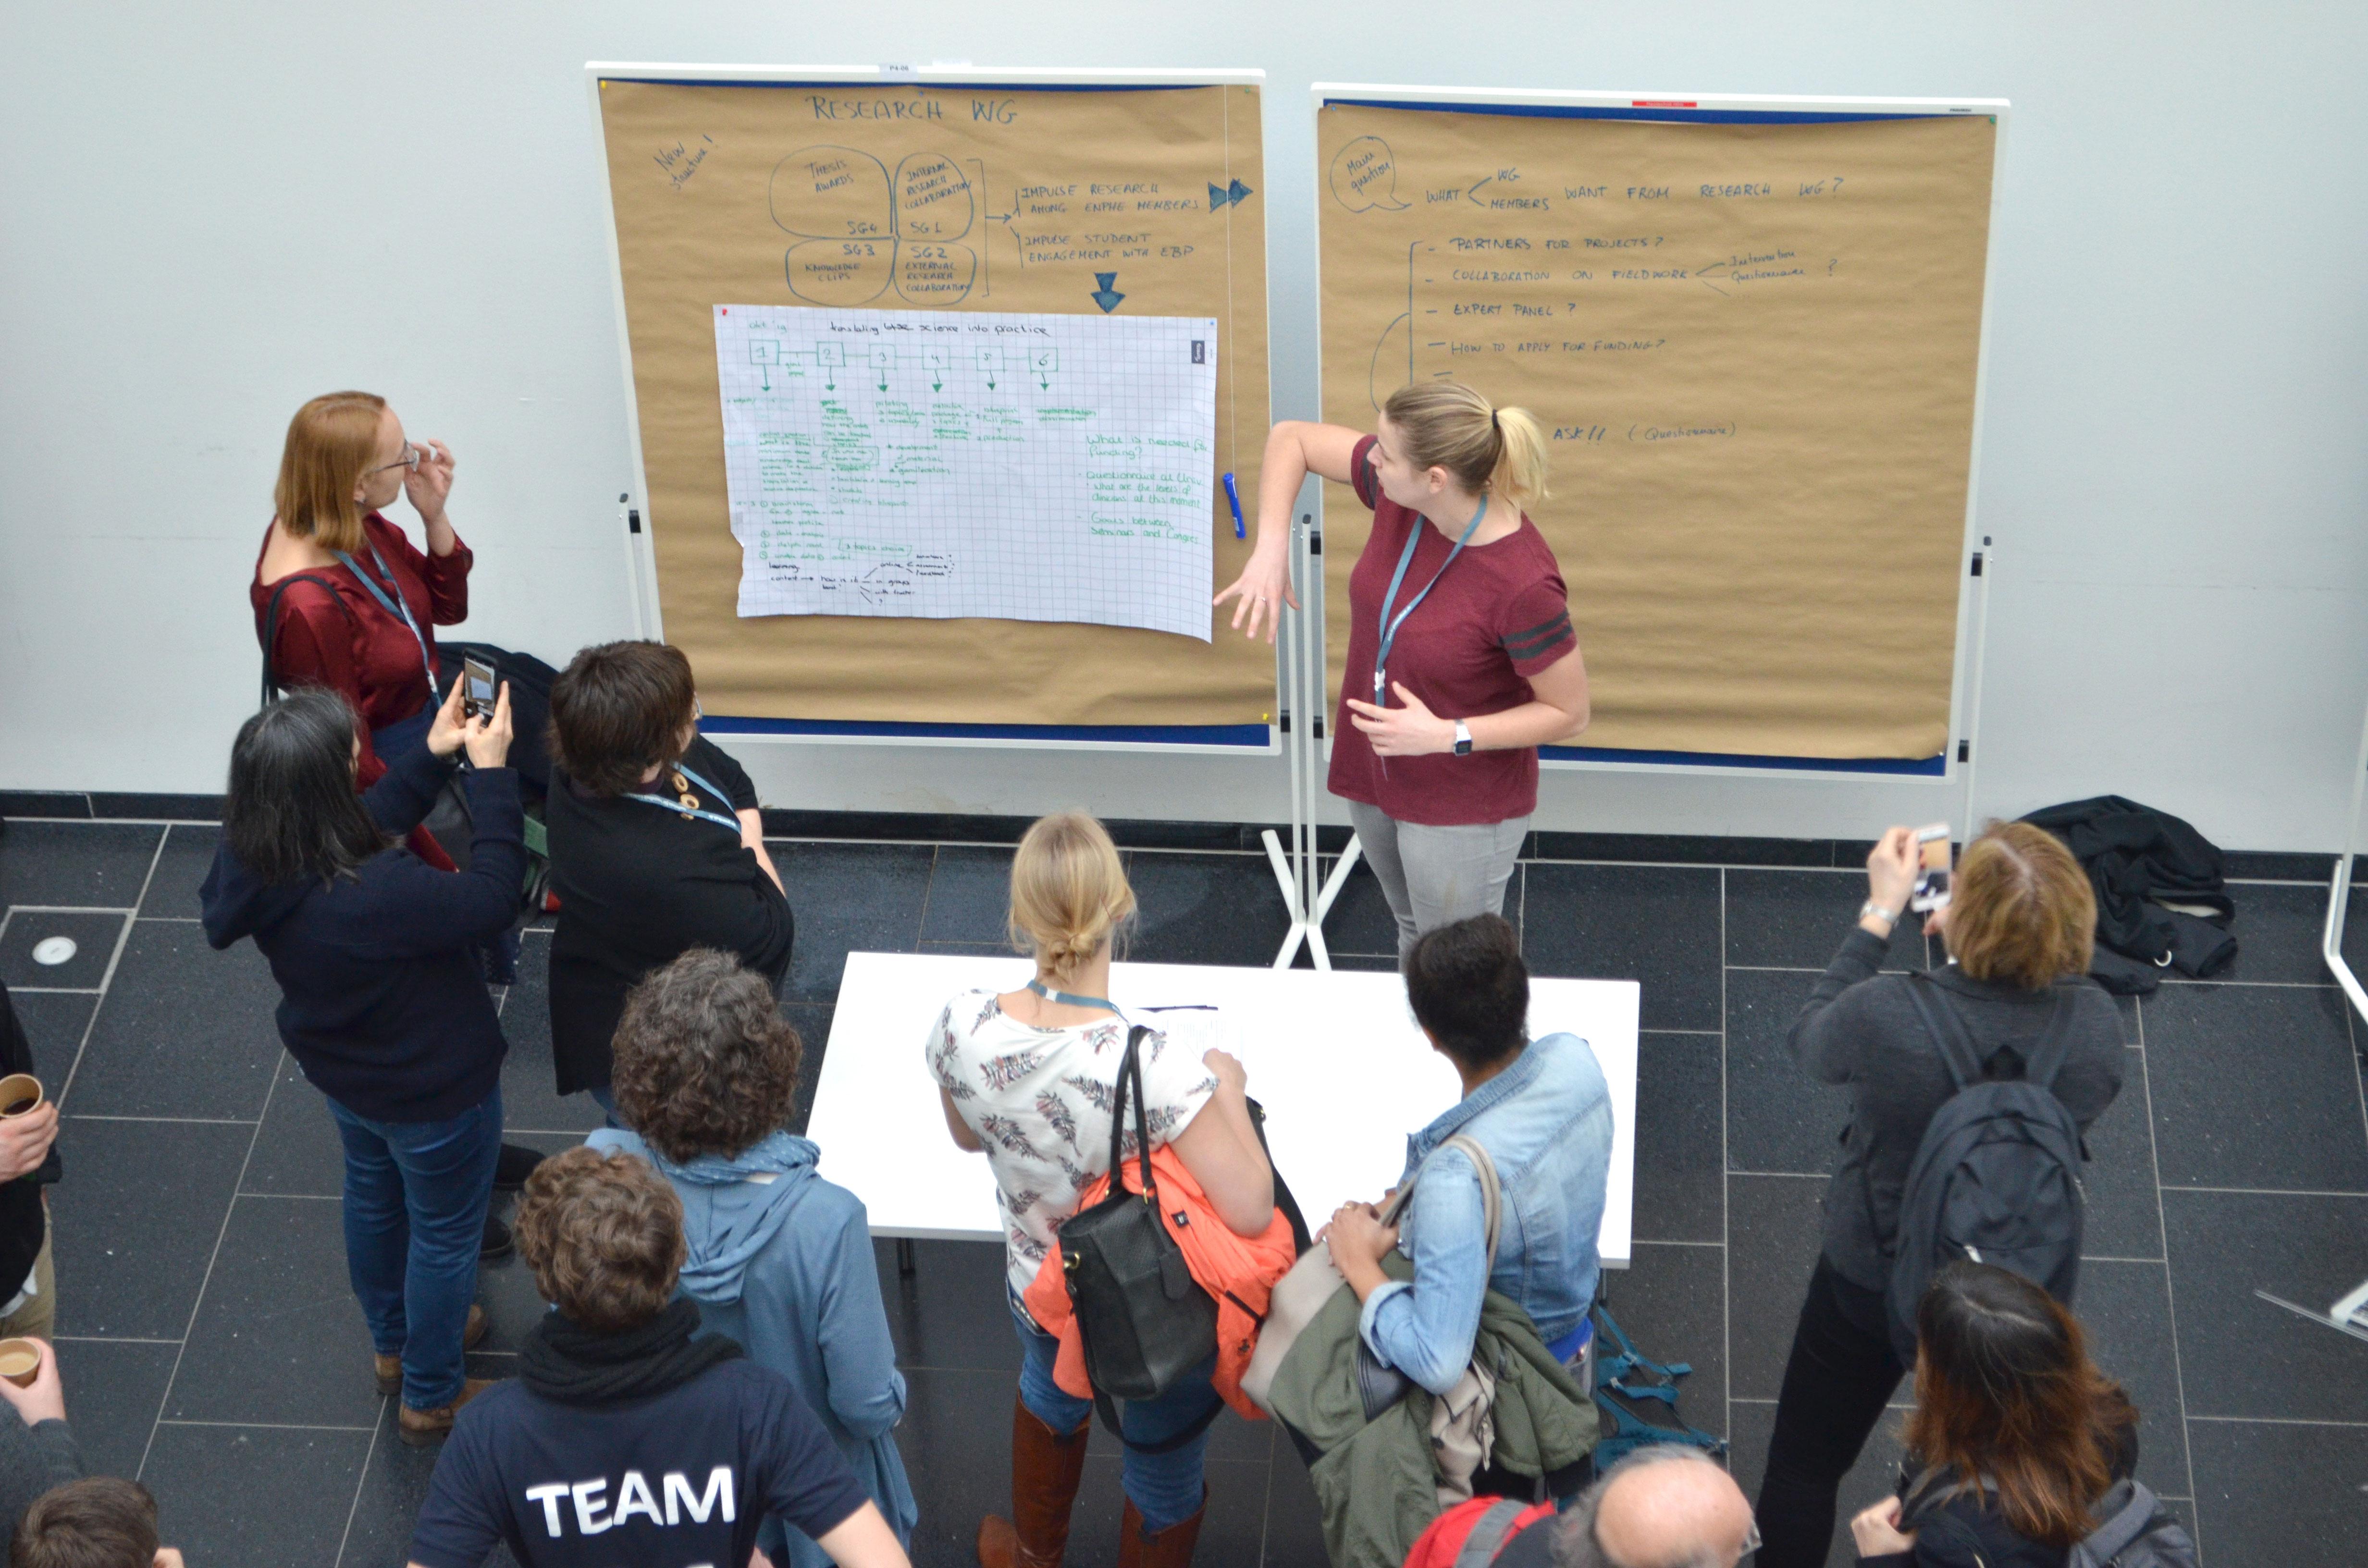 """Während des Welt Cafés gibt die Arbeitsgruppe """"Forschung"""" Einblicke in die Ergebnisse ihrer Arbeit. Fotos: hsg Bochum"""